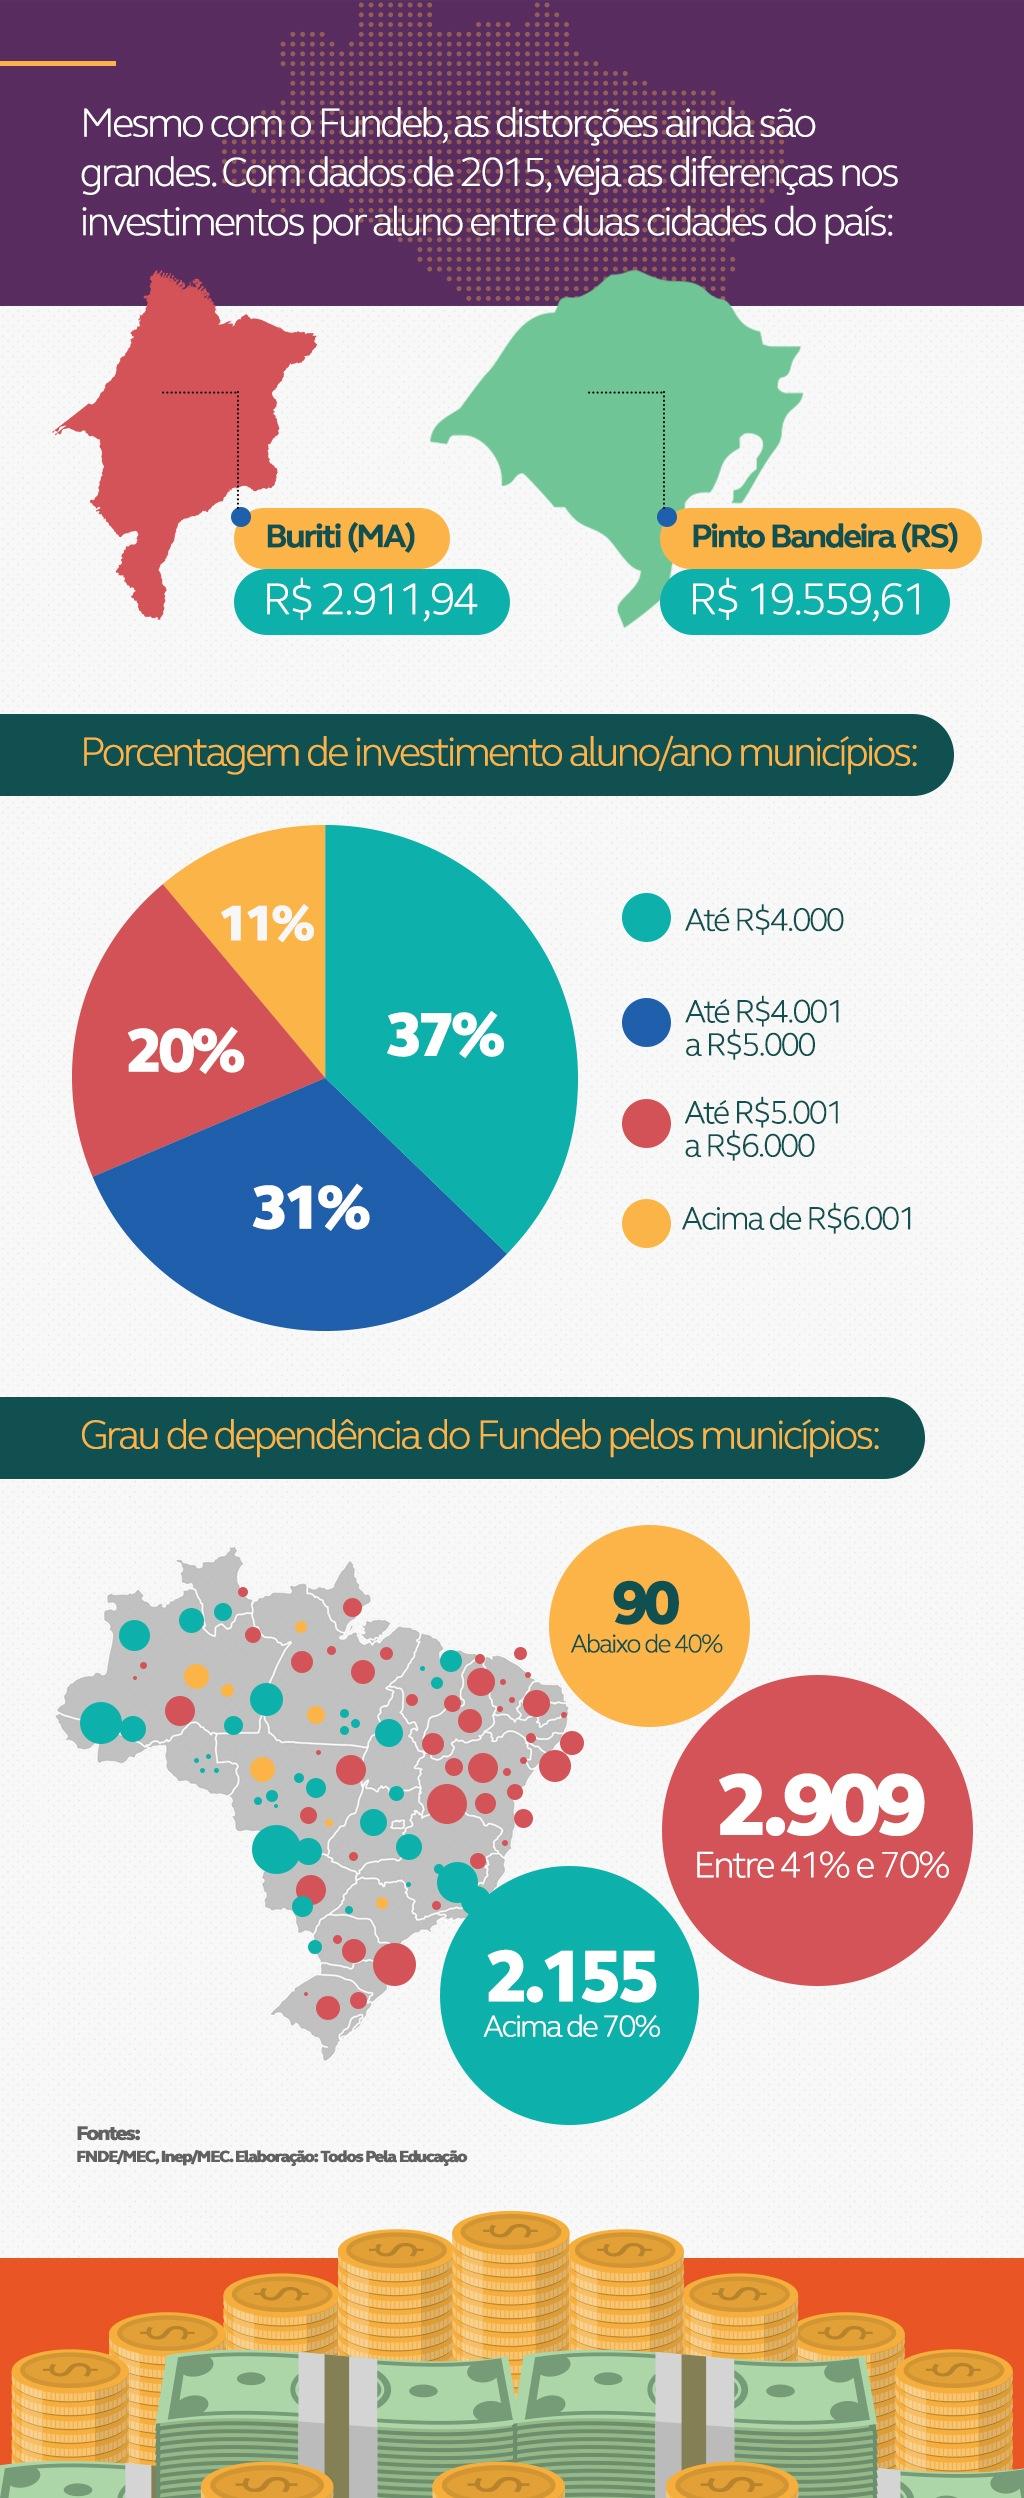 Infográfico sobre o Fundeb no financiamento da educação básica